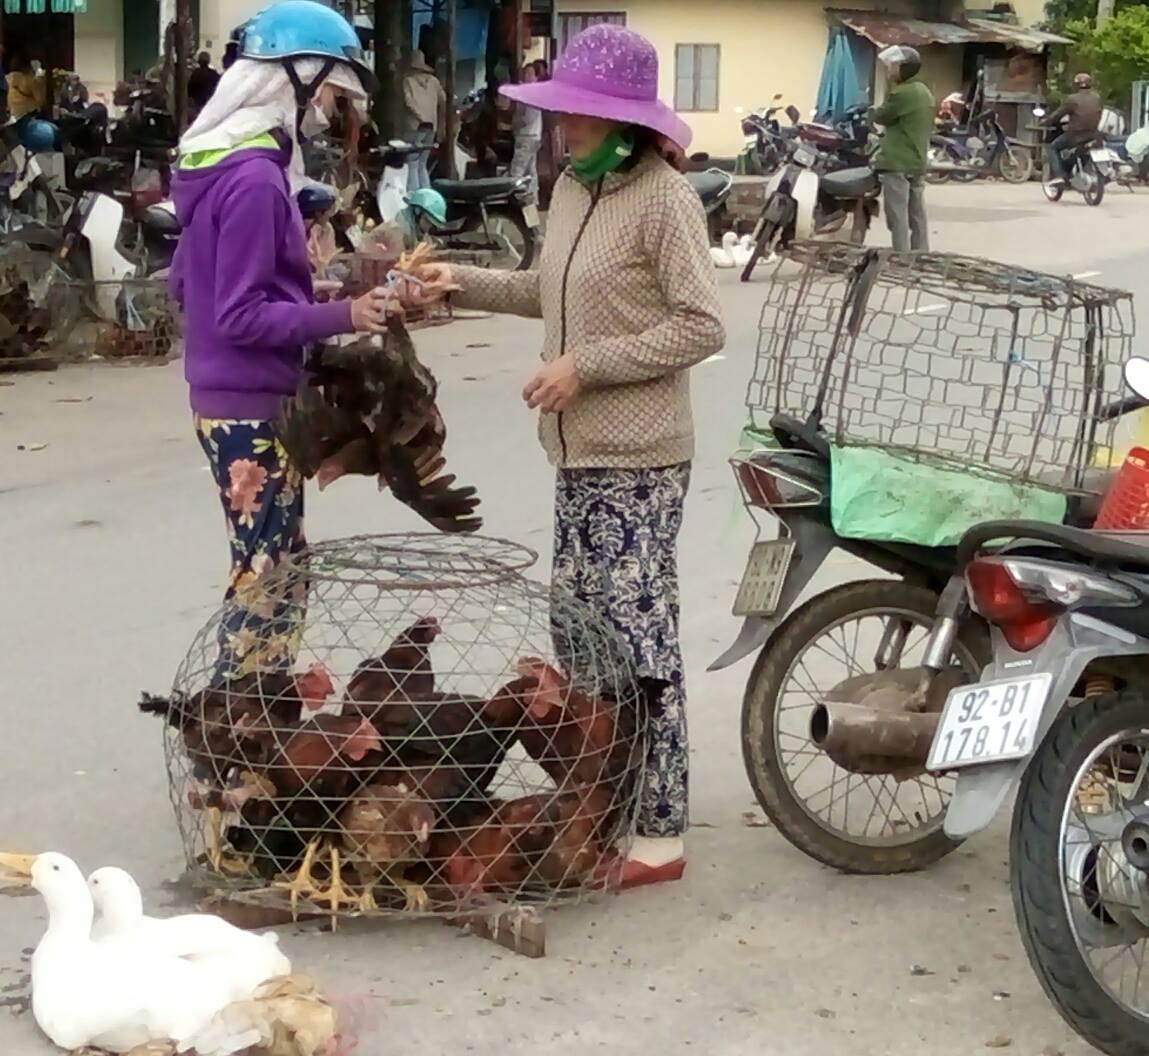 Mua - bán gà ở chợ Hòa Hương (Tam Kỳ) sáng nay, mùng 9 tháng Giêng âm lịch.